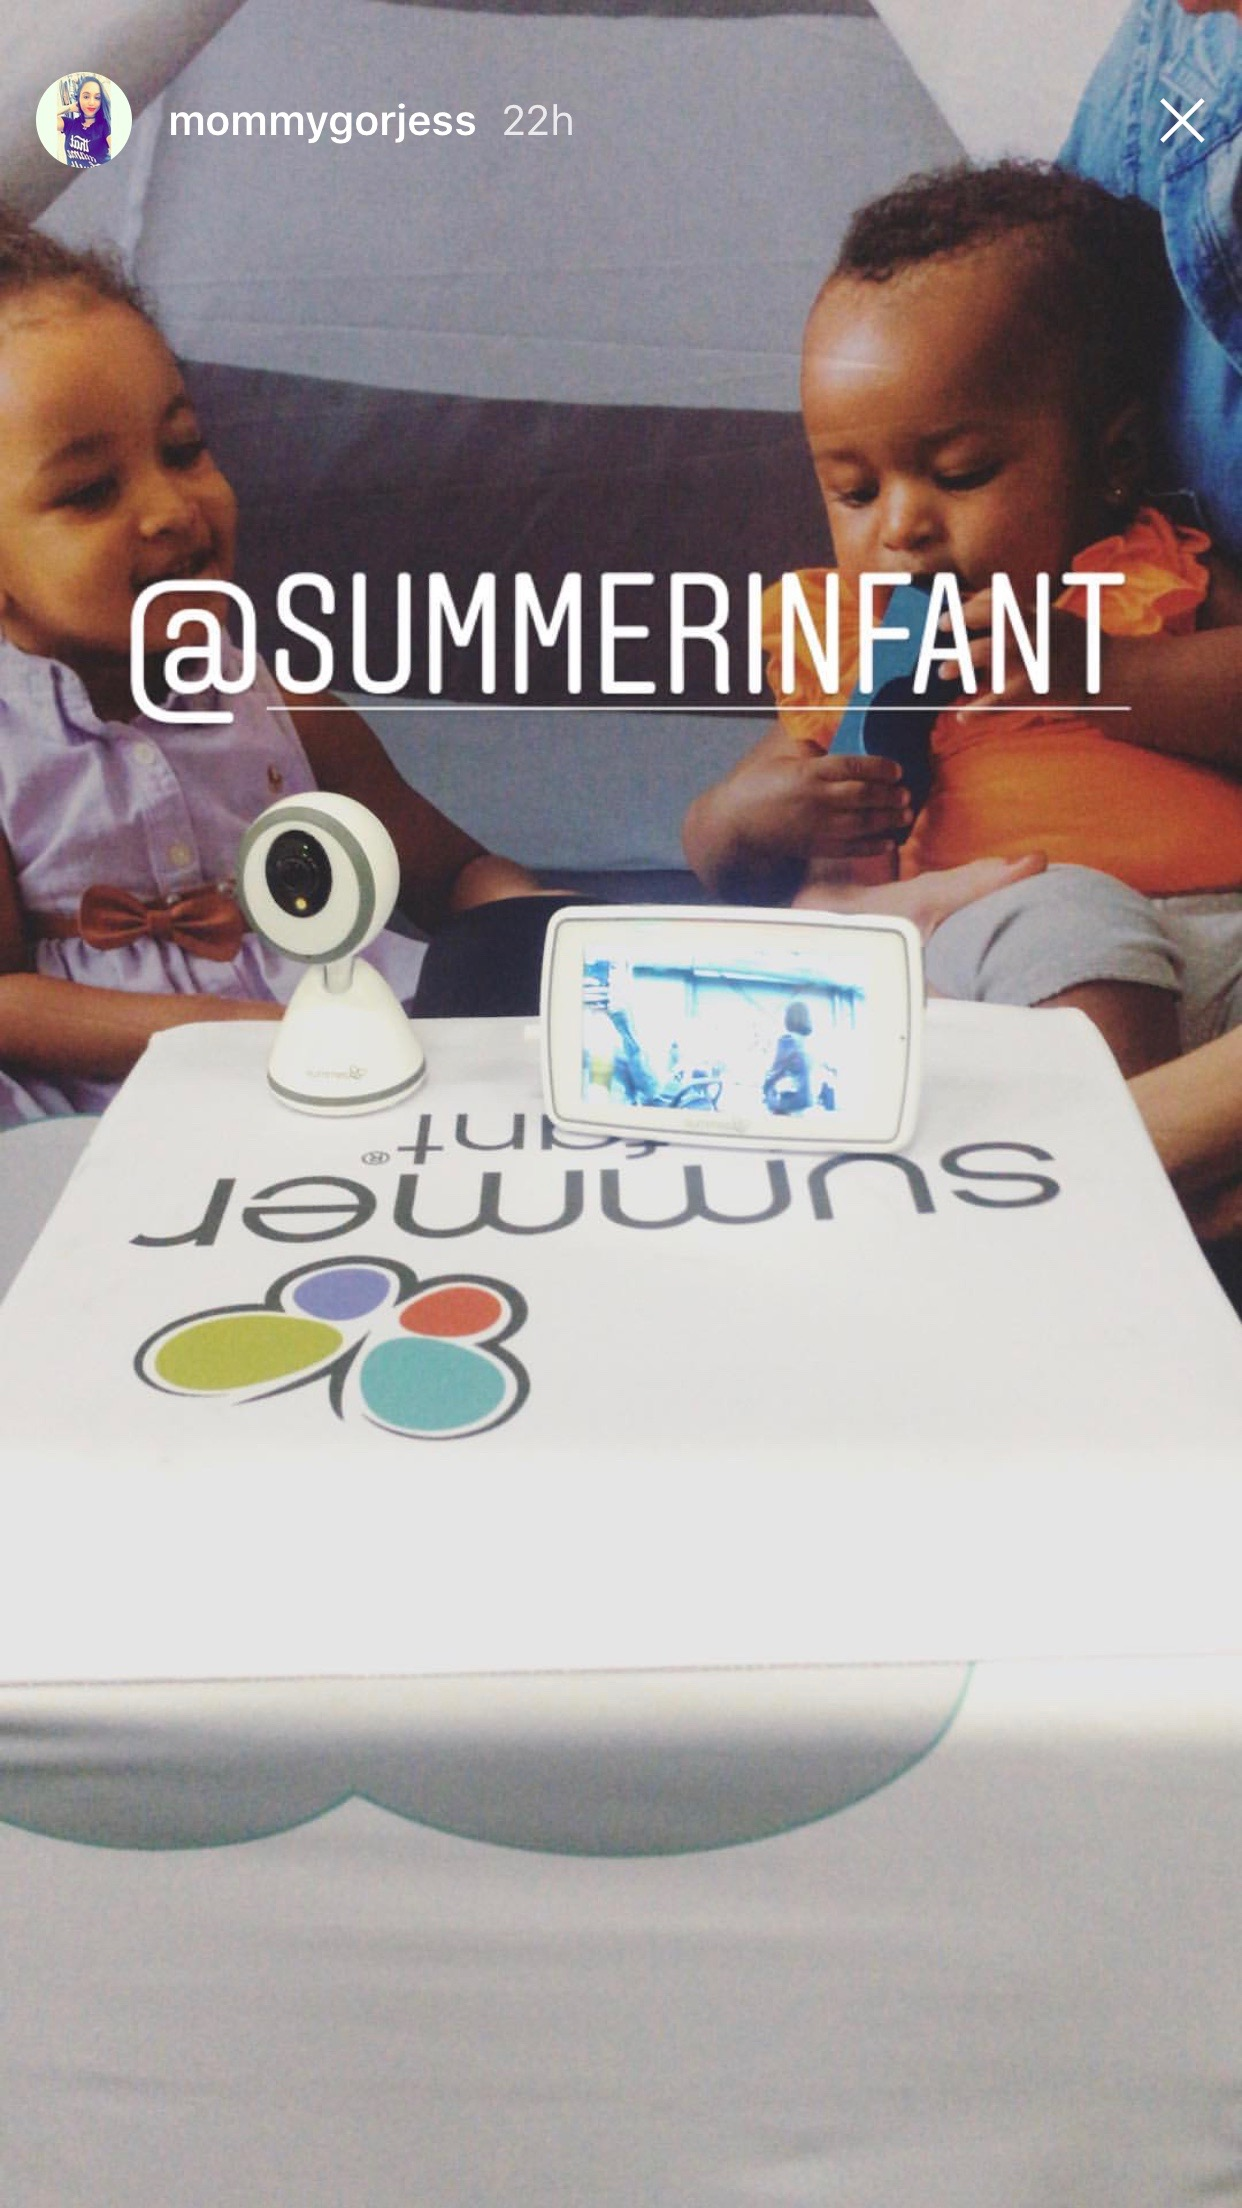 2018.05.19-20_Mommygorjess, Instagram Story_Summer Infant Baby Pixel.jpg